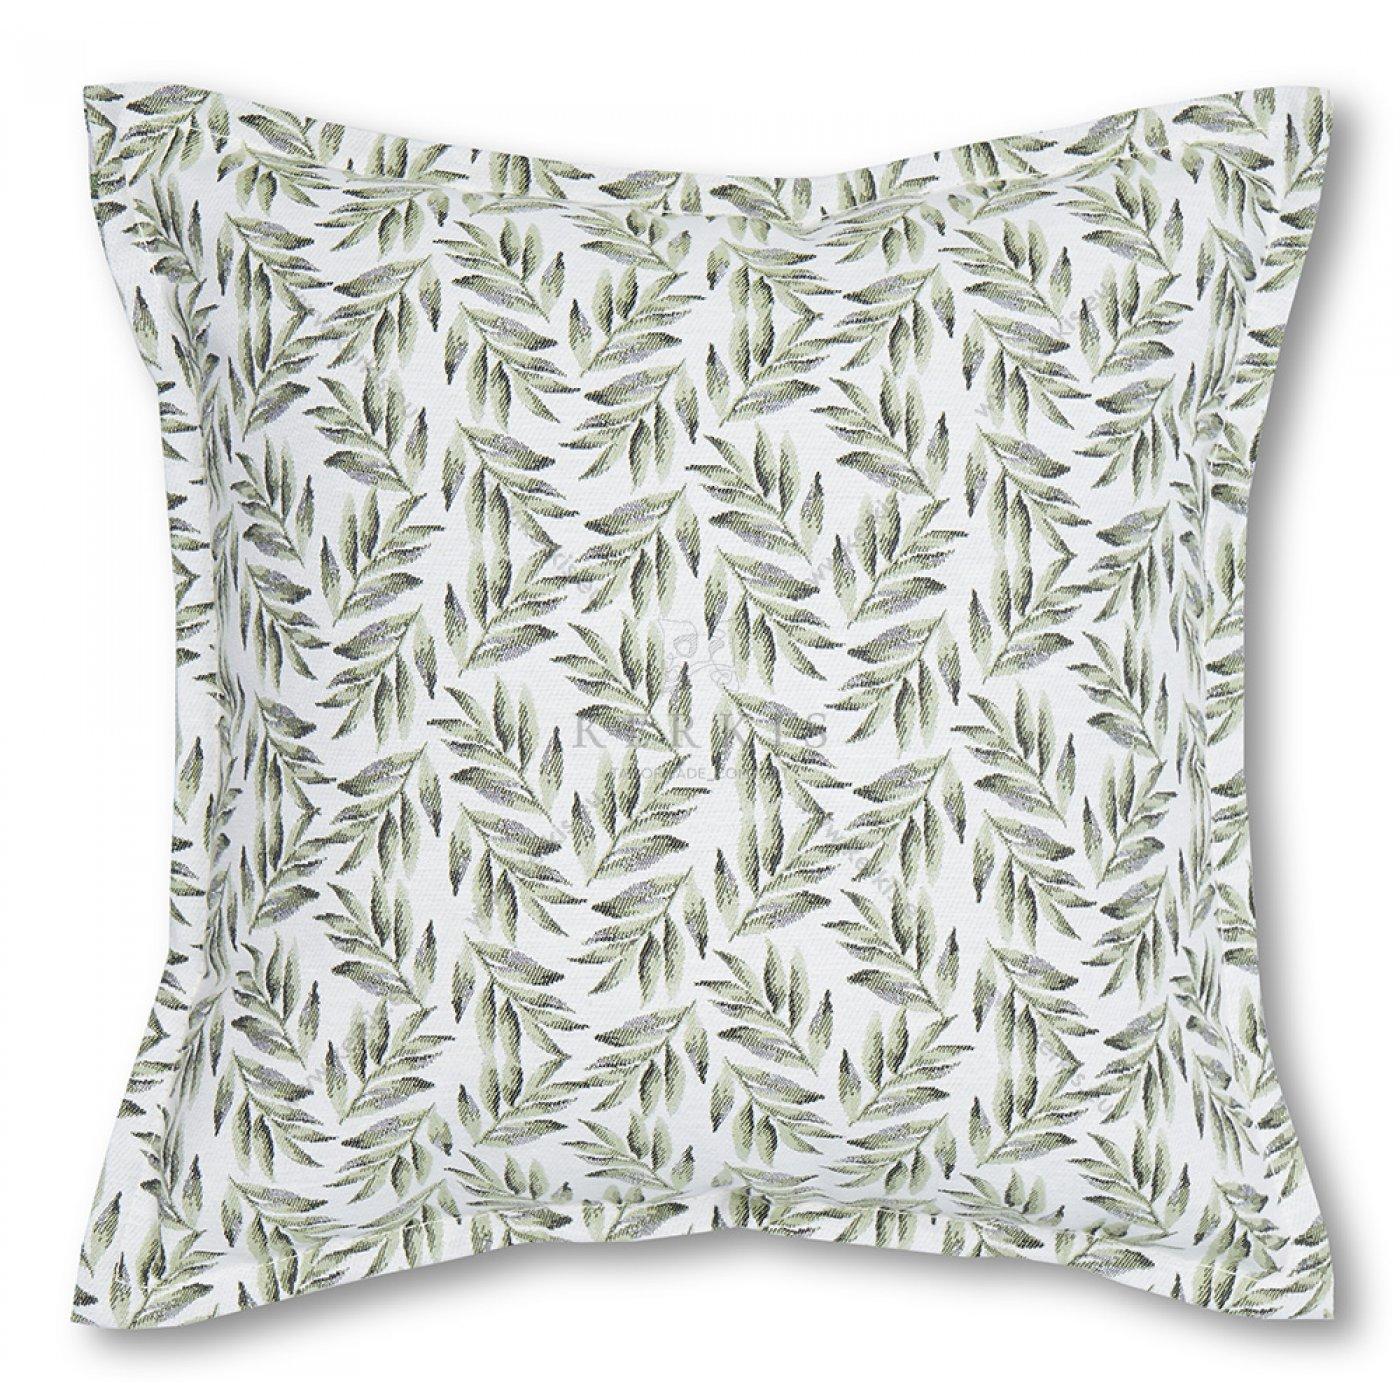 Διακοσμητικό μαξιλάρι καναπέ, χρώμα πράσινο, φύλλα ελιάς